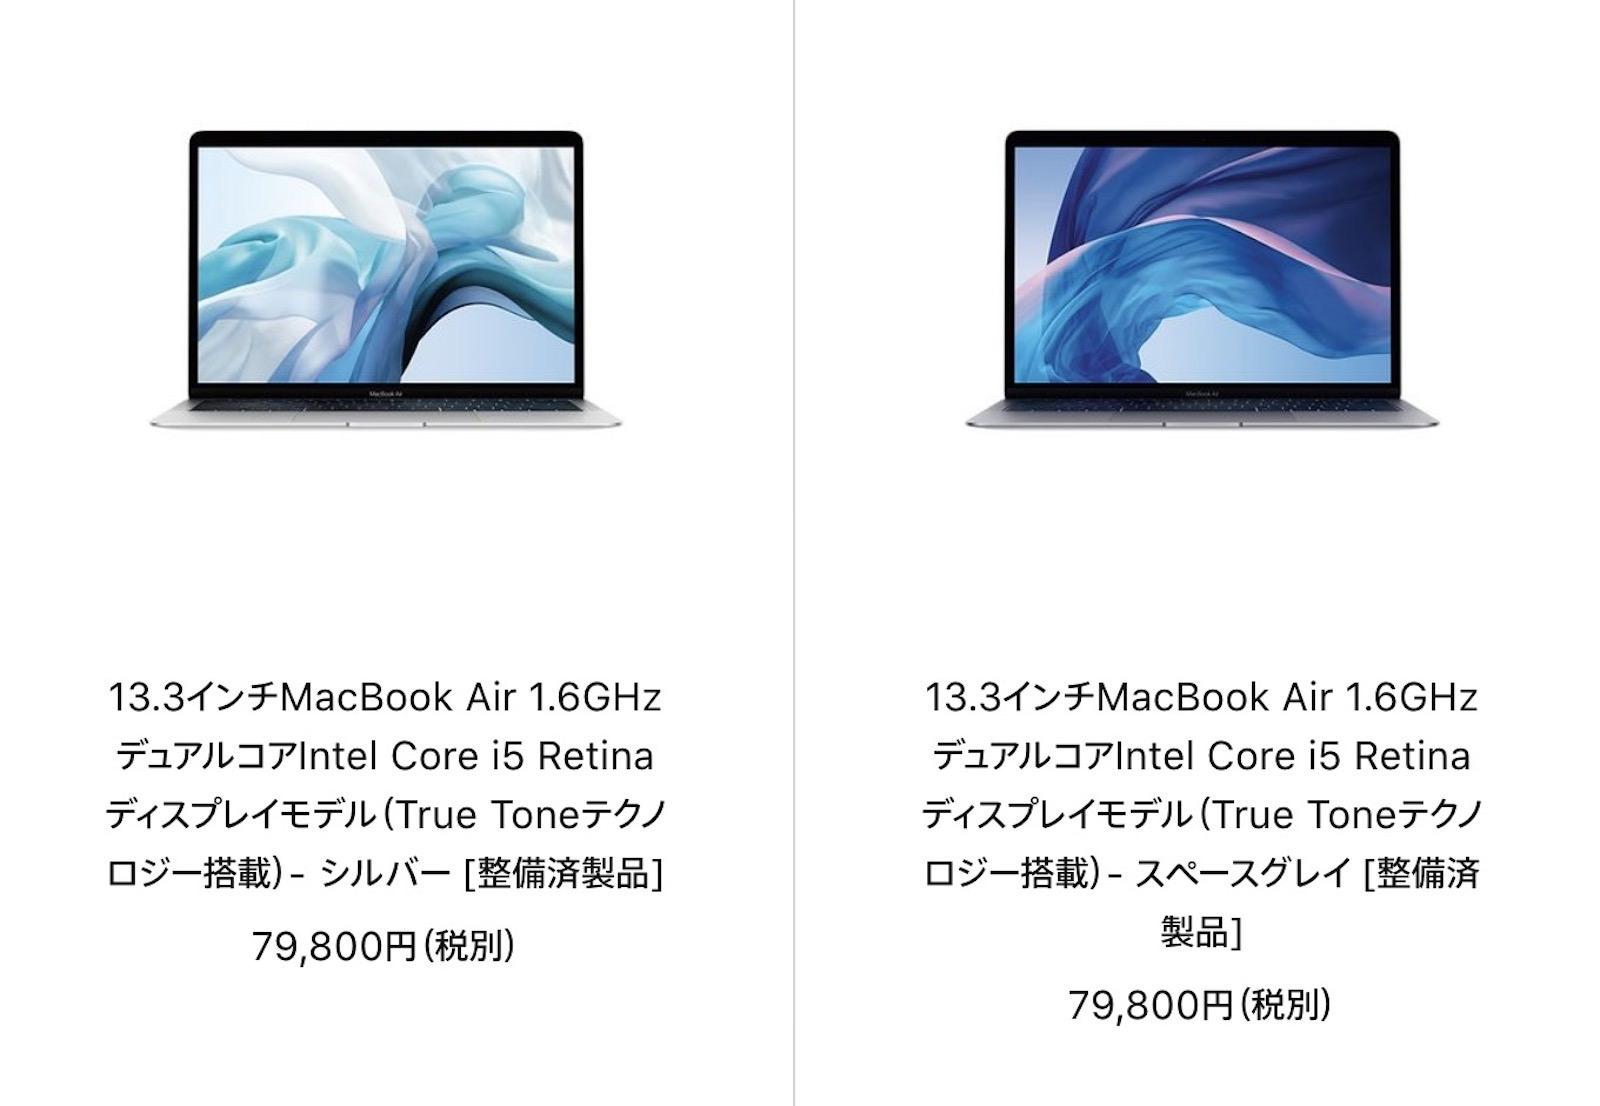 Macbookair refurbished20200715